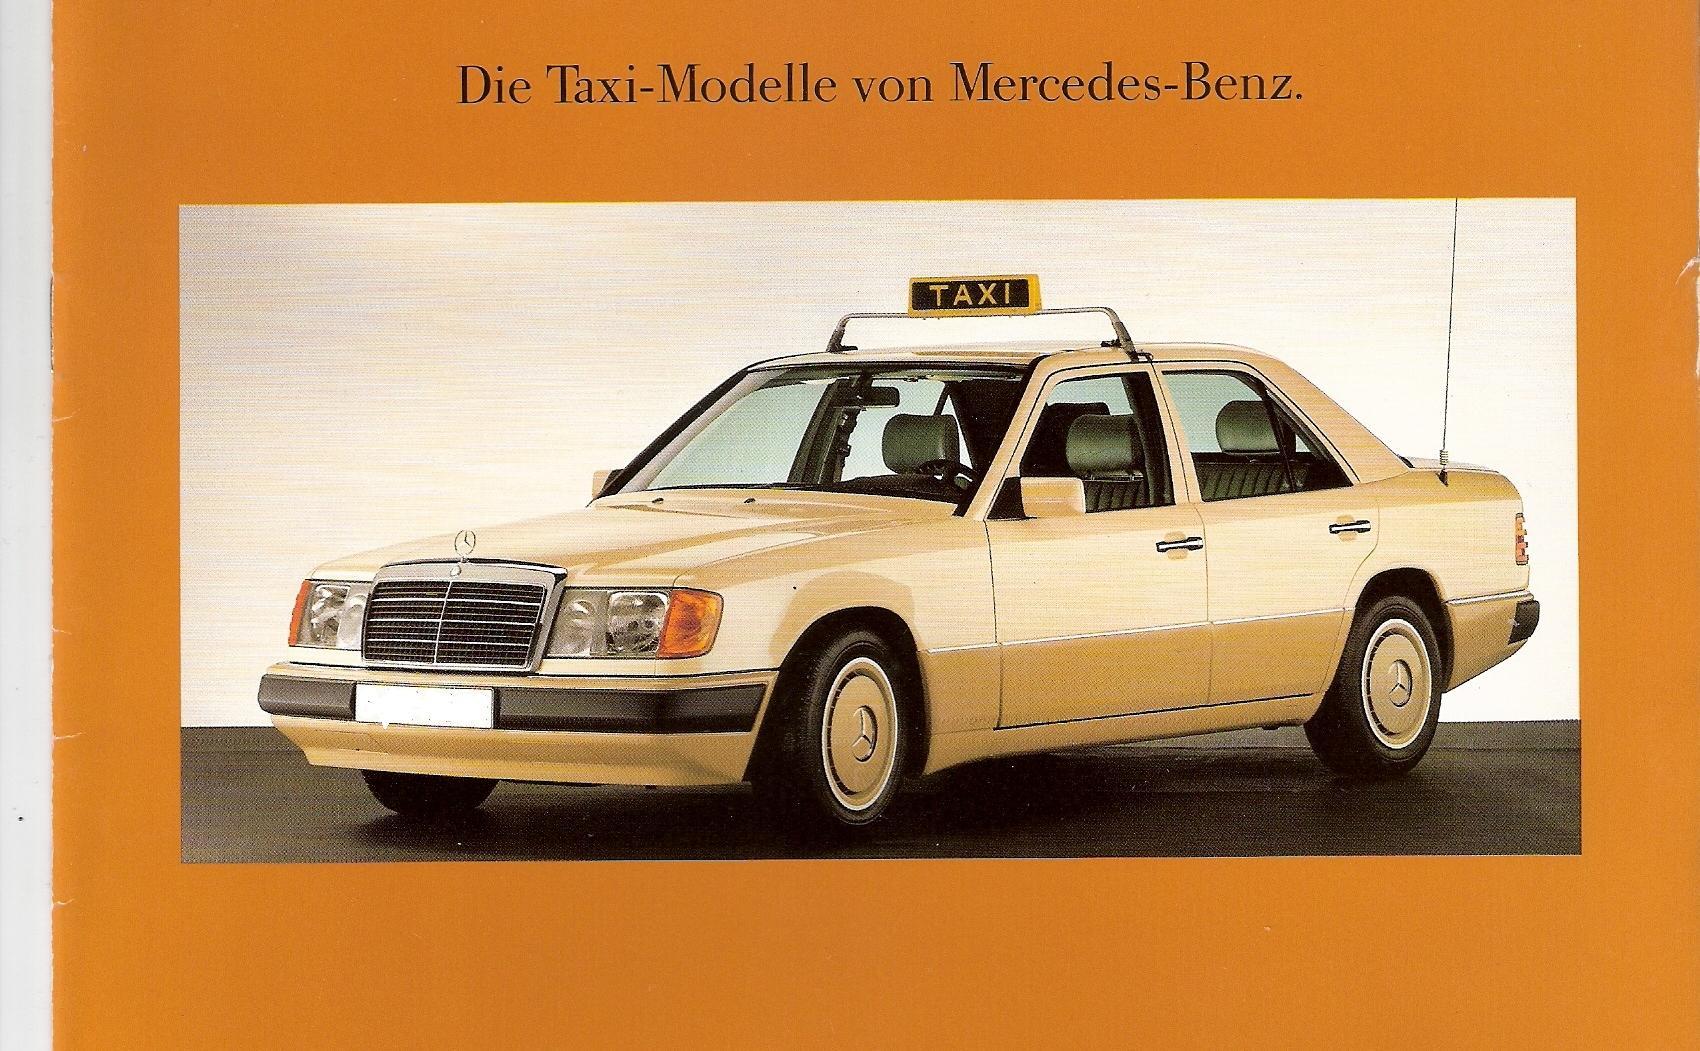 mercedes-benz-w124-das-taxi-zuschnitt-neutral-02-5995388132185152285.jpg